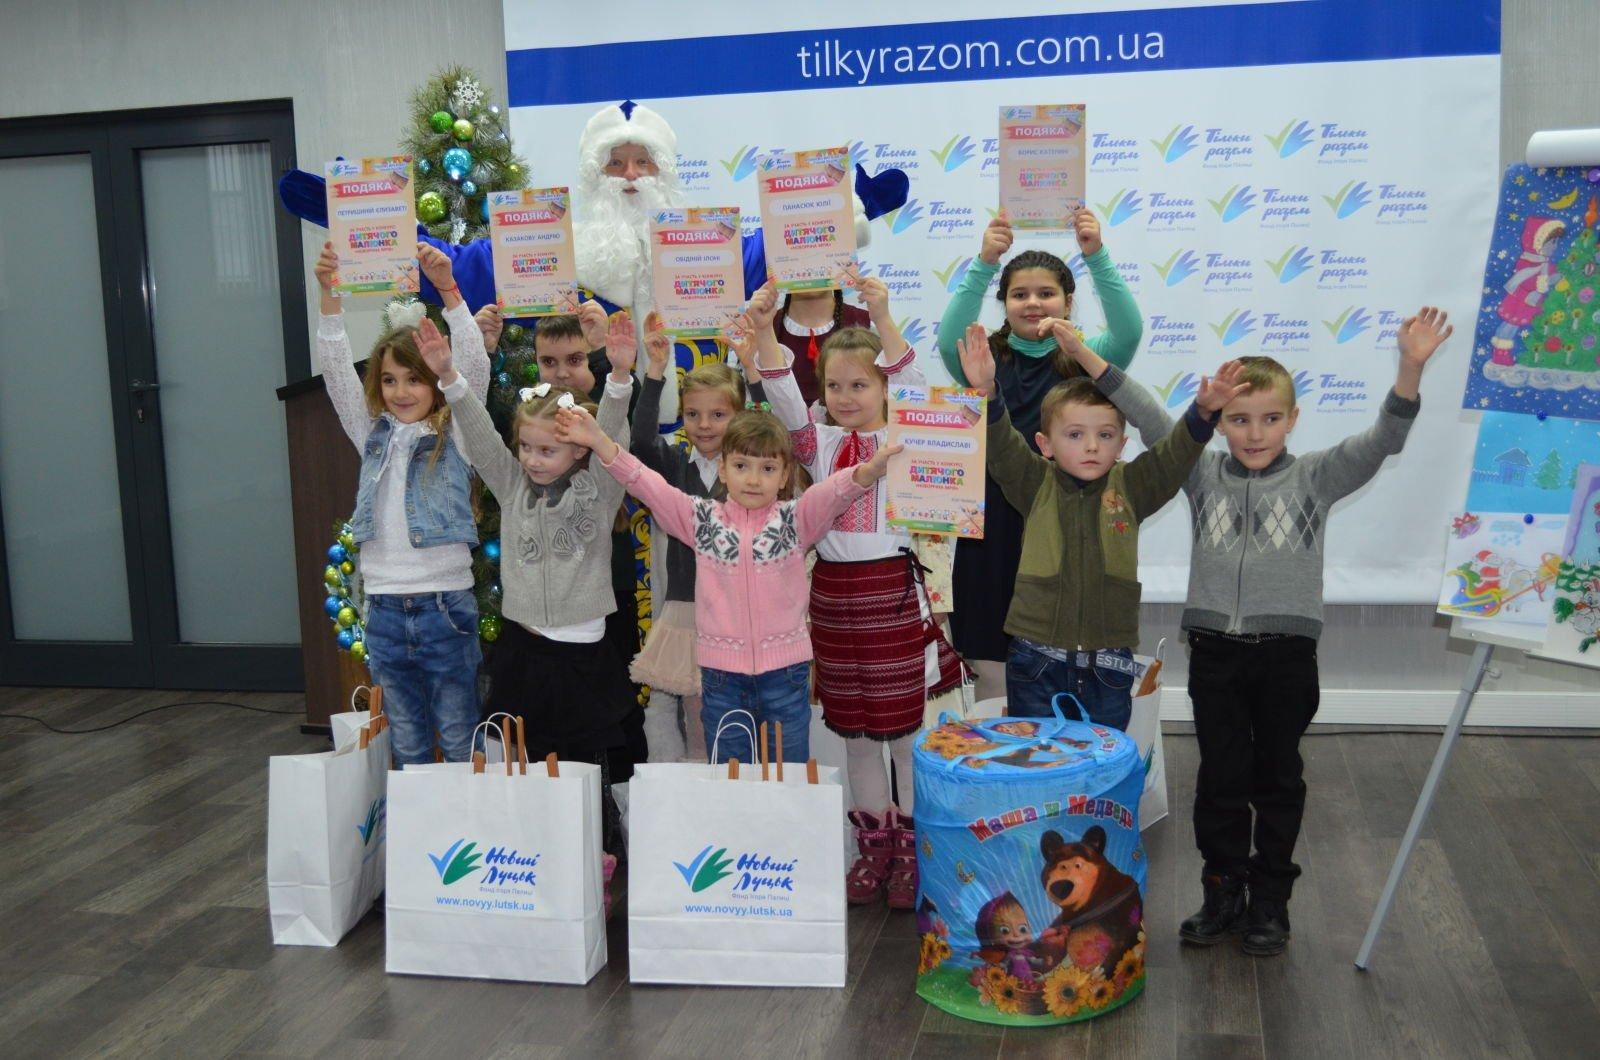 Назвали імена переможців конкурсу «Новорічна мрія» у Луцьку 9913aa2b2cd8d